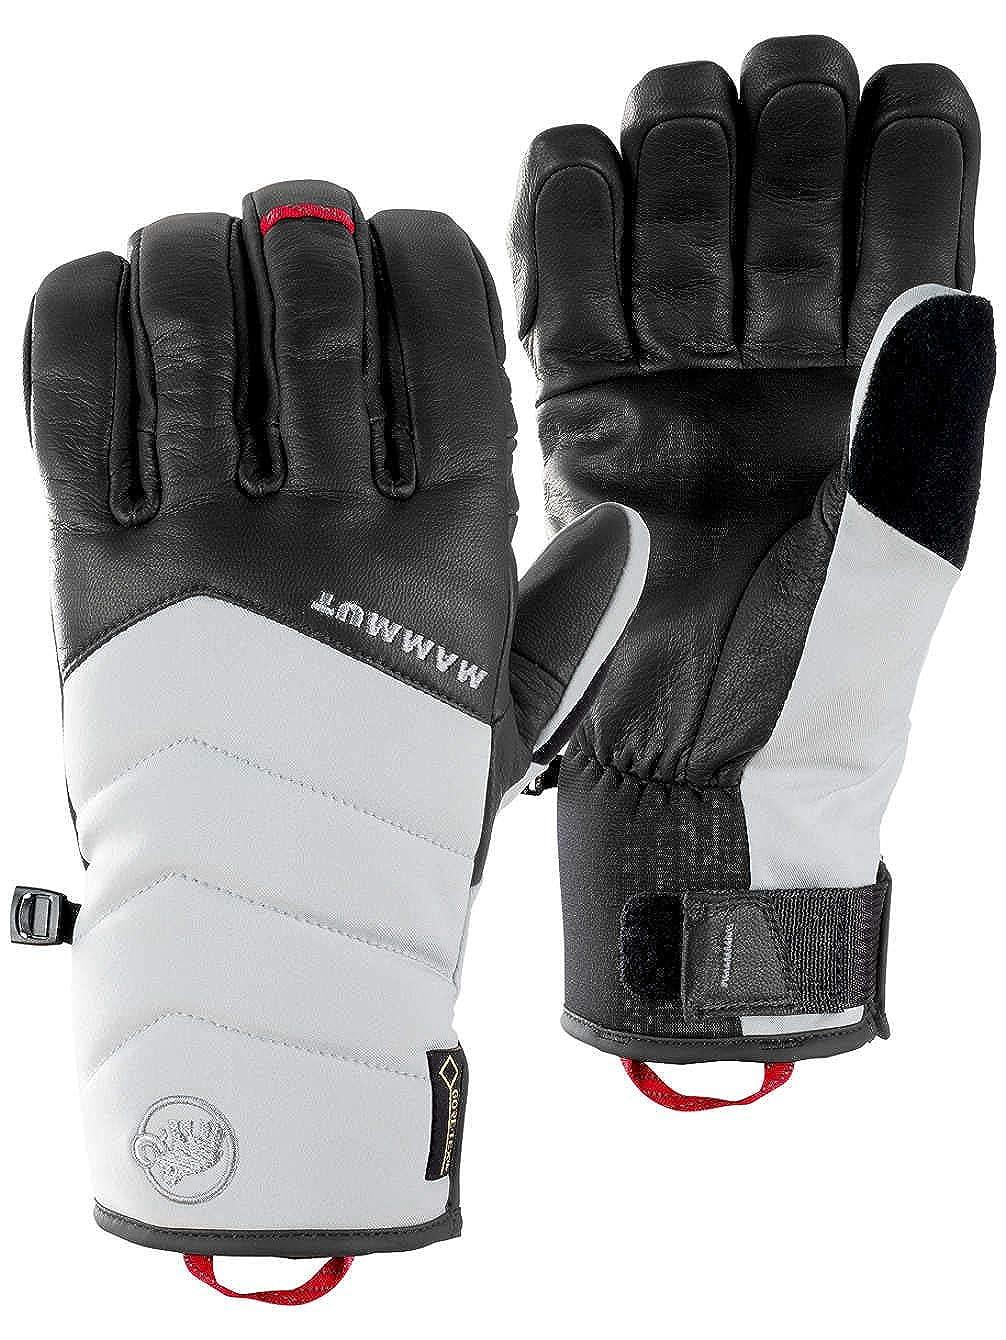 Mammut 1090-05890 Alvier Glove